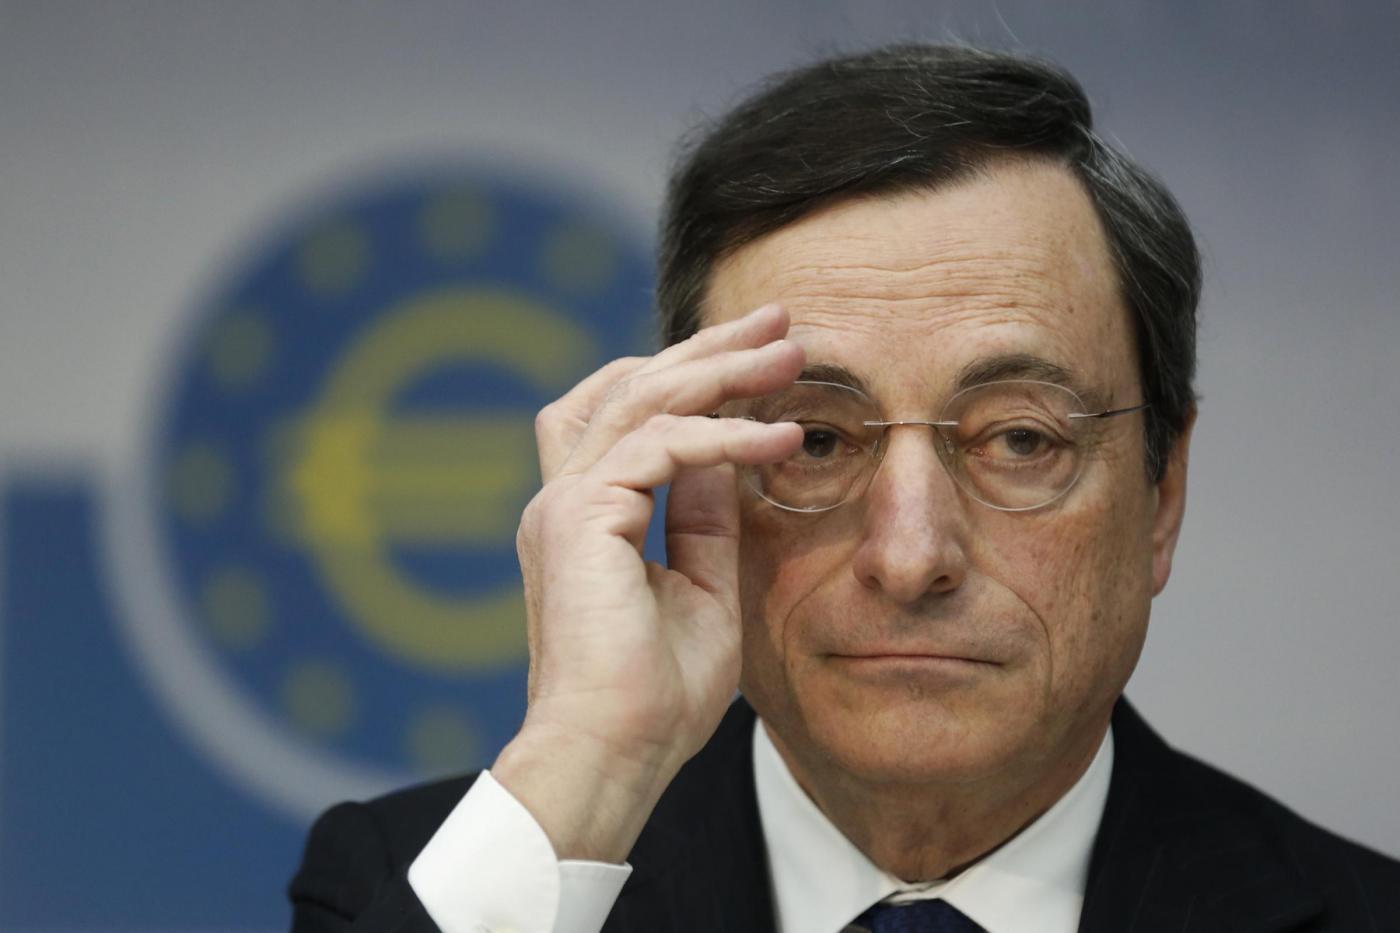 http://static.fanpage.it/socialmediafanpage/wp-content/uploads/2013/02/Draghi-su-mps-caso-isolato.jpg